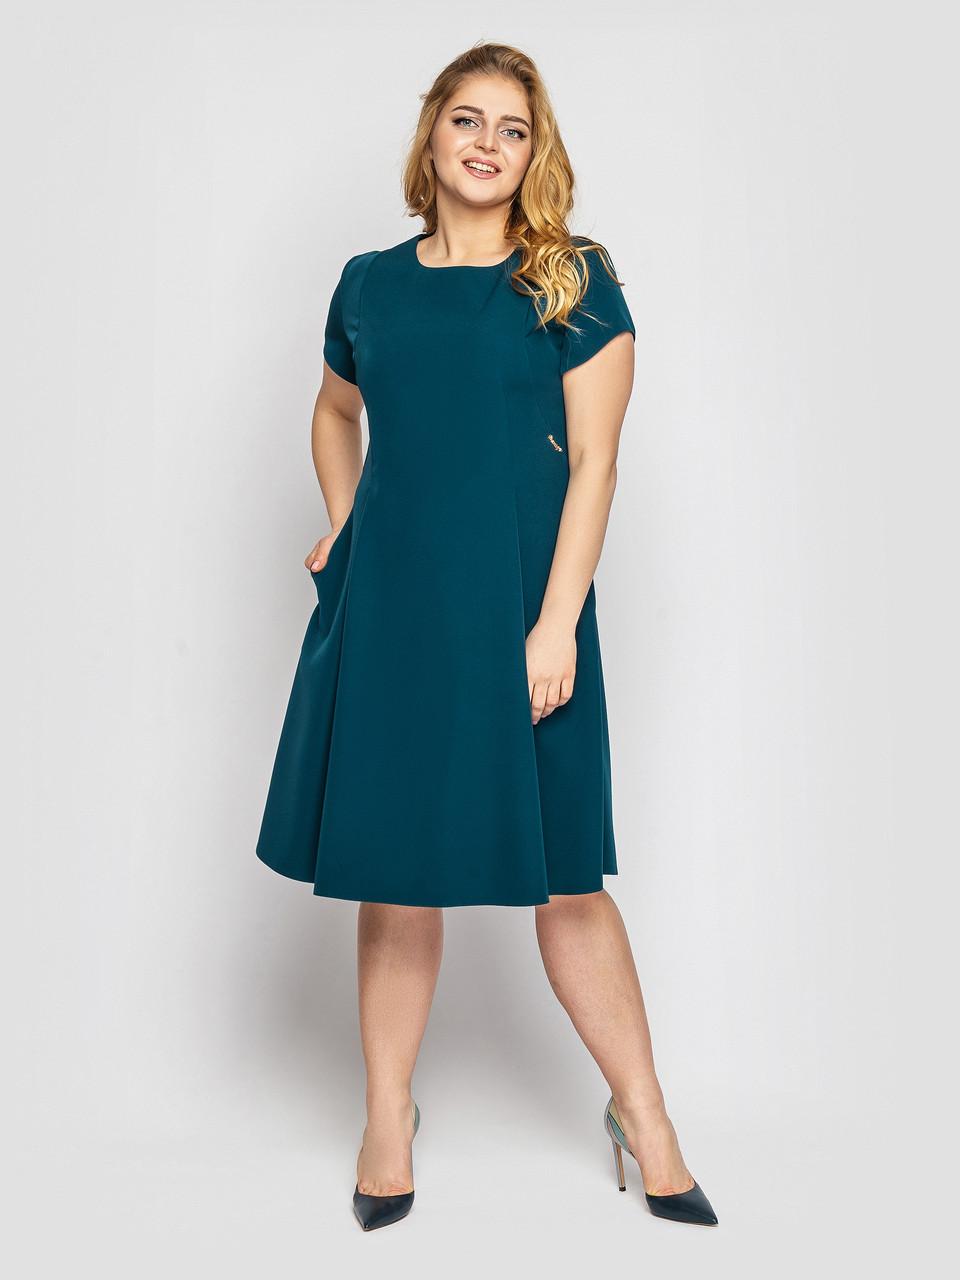 Батальне сукня з кишенями 48,50,52,54,56,58 розмір